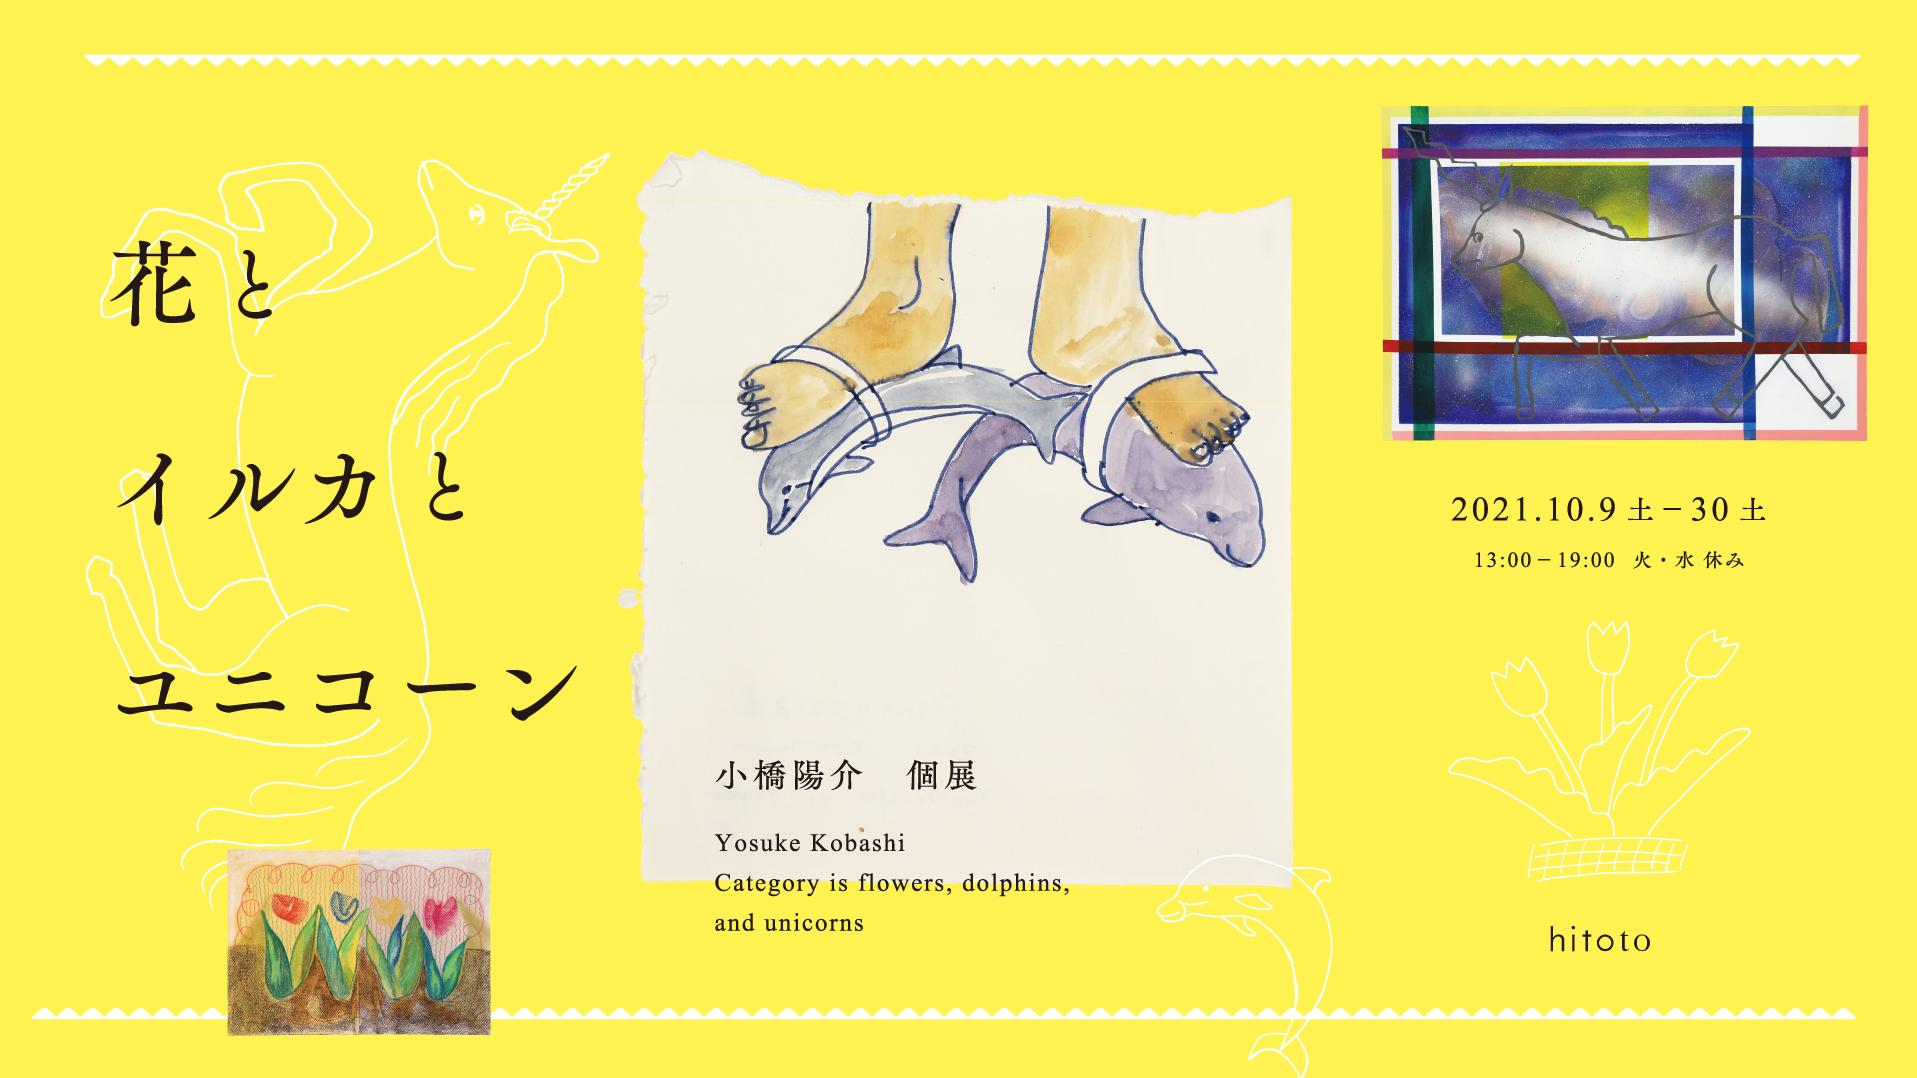 小橋陽介「花とイルカとユニコーン」展